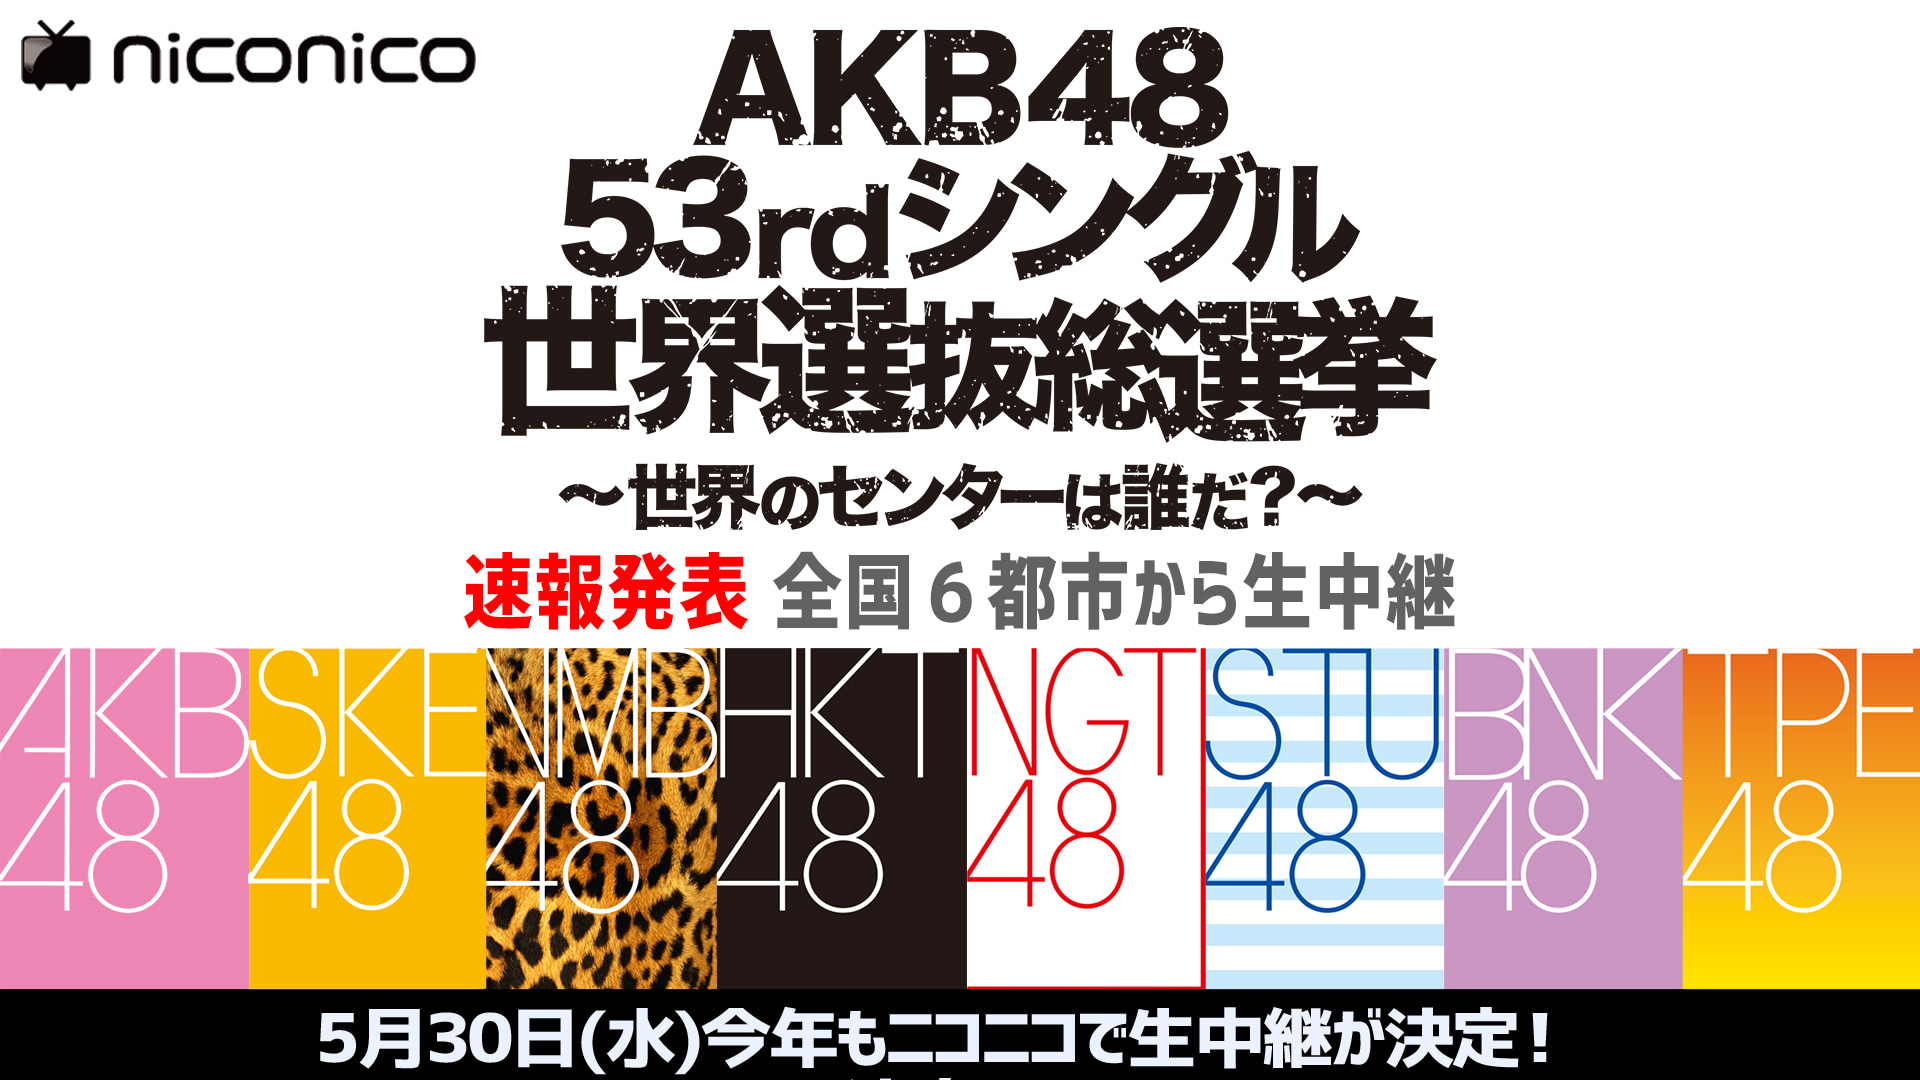 再掲)AKB48 53rdシングル 世界...